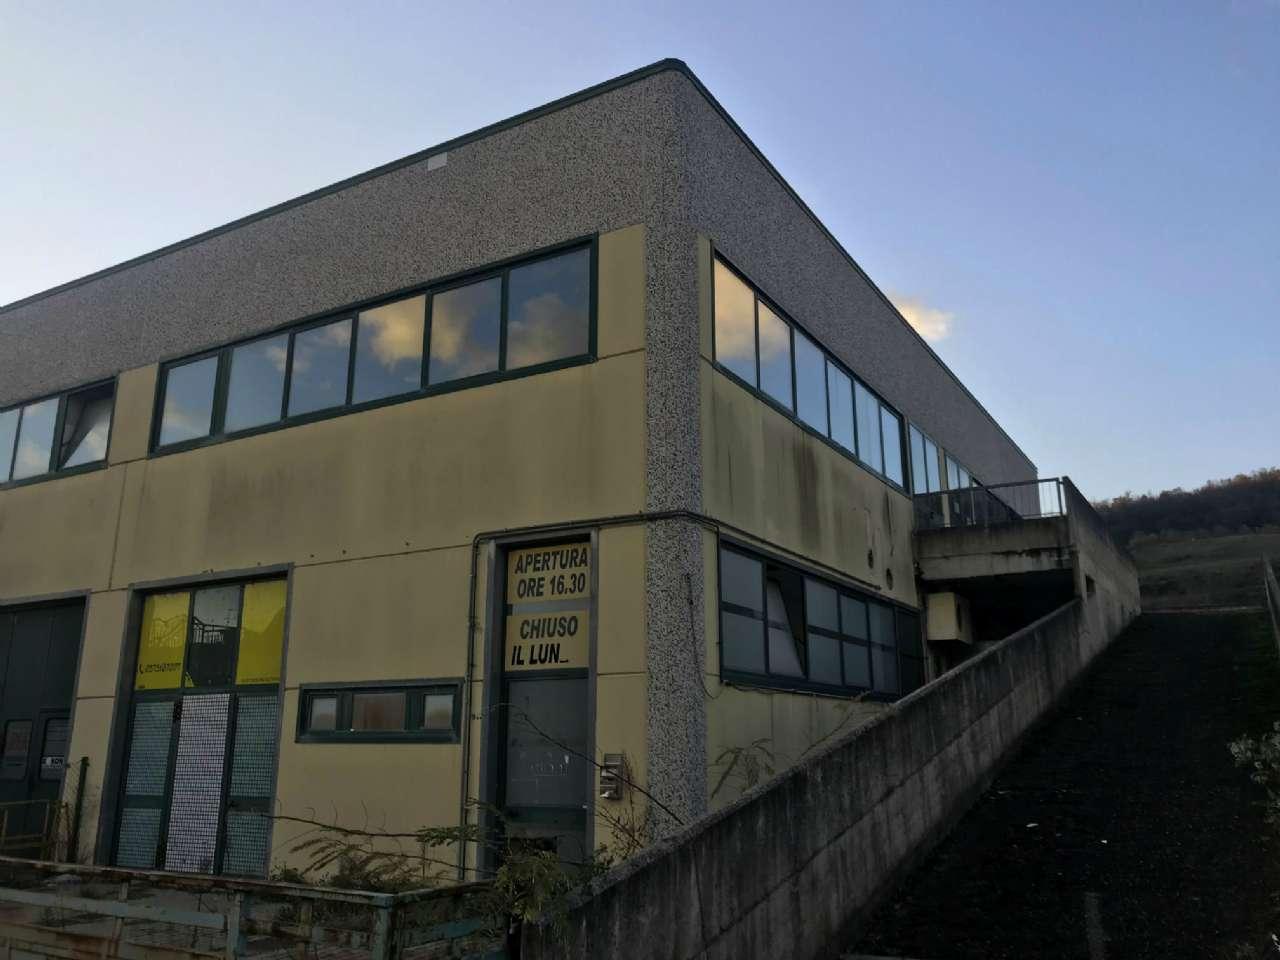 Laboratorio in vendita a Subbiano, 1 locali, prezzo € 158.000 | CambioCasa.it